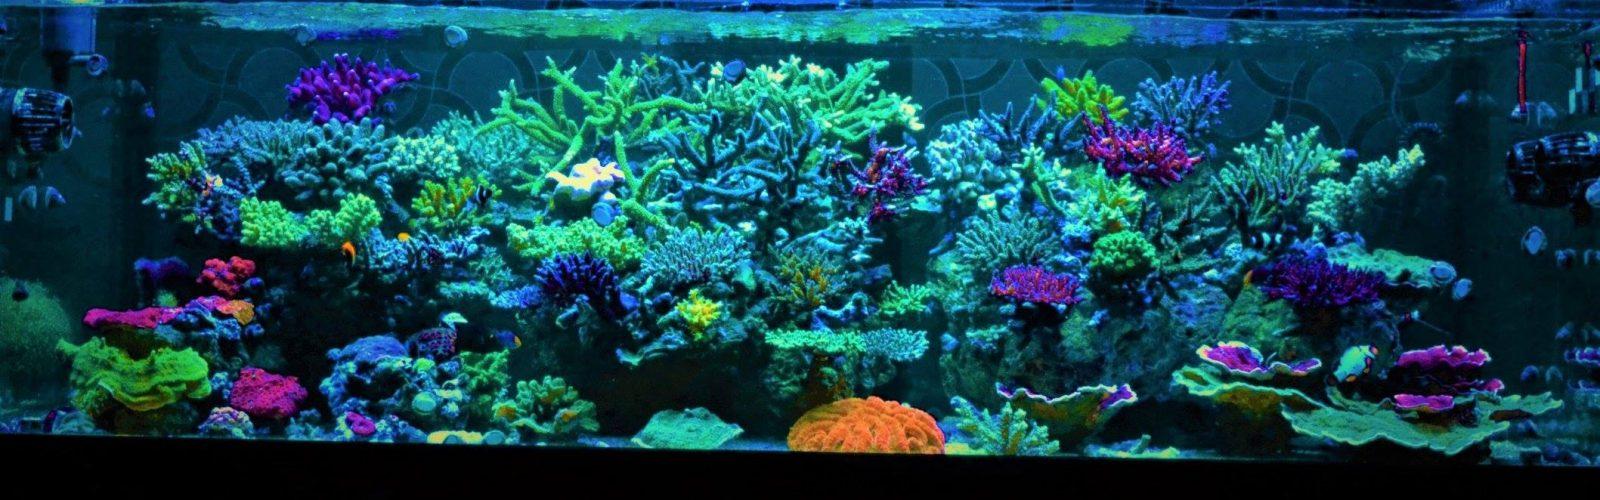 mejor luz LED para acuarios 2020